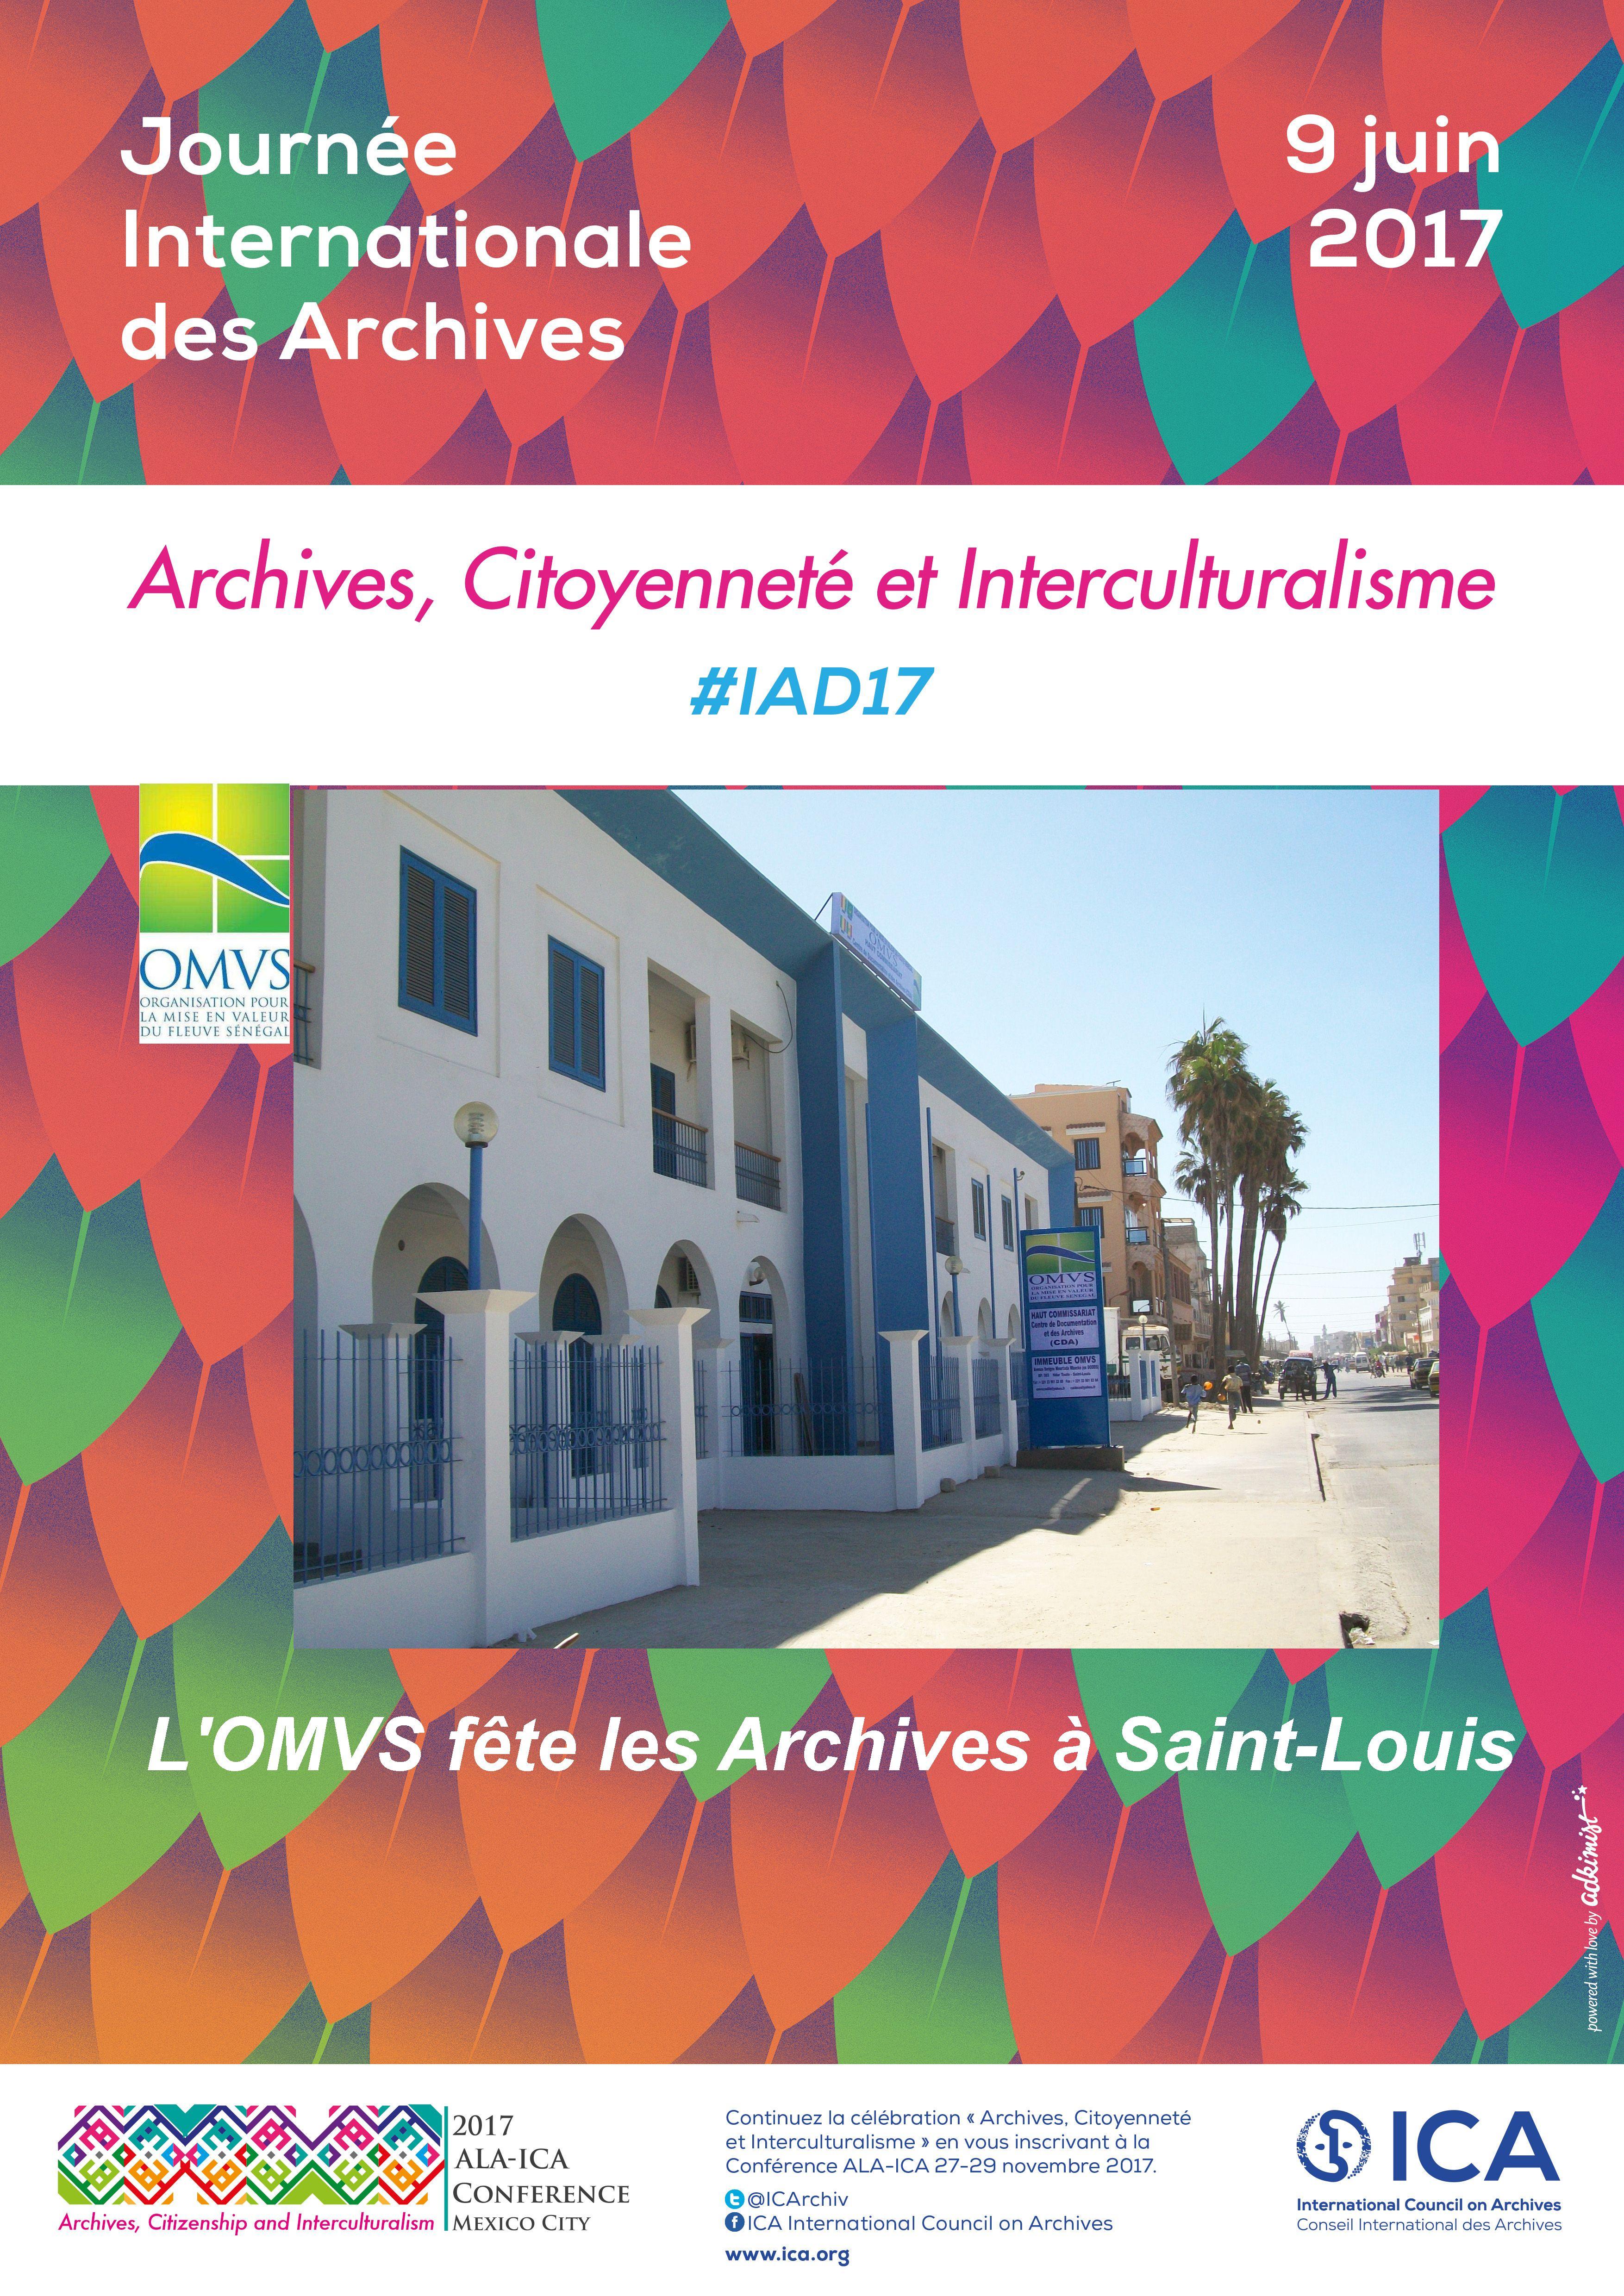 Saint-Louis fête les Archives, le 09 juin 2017